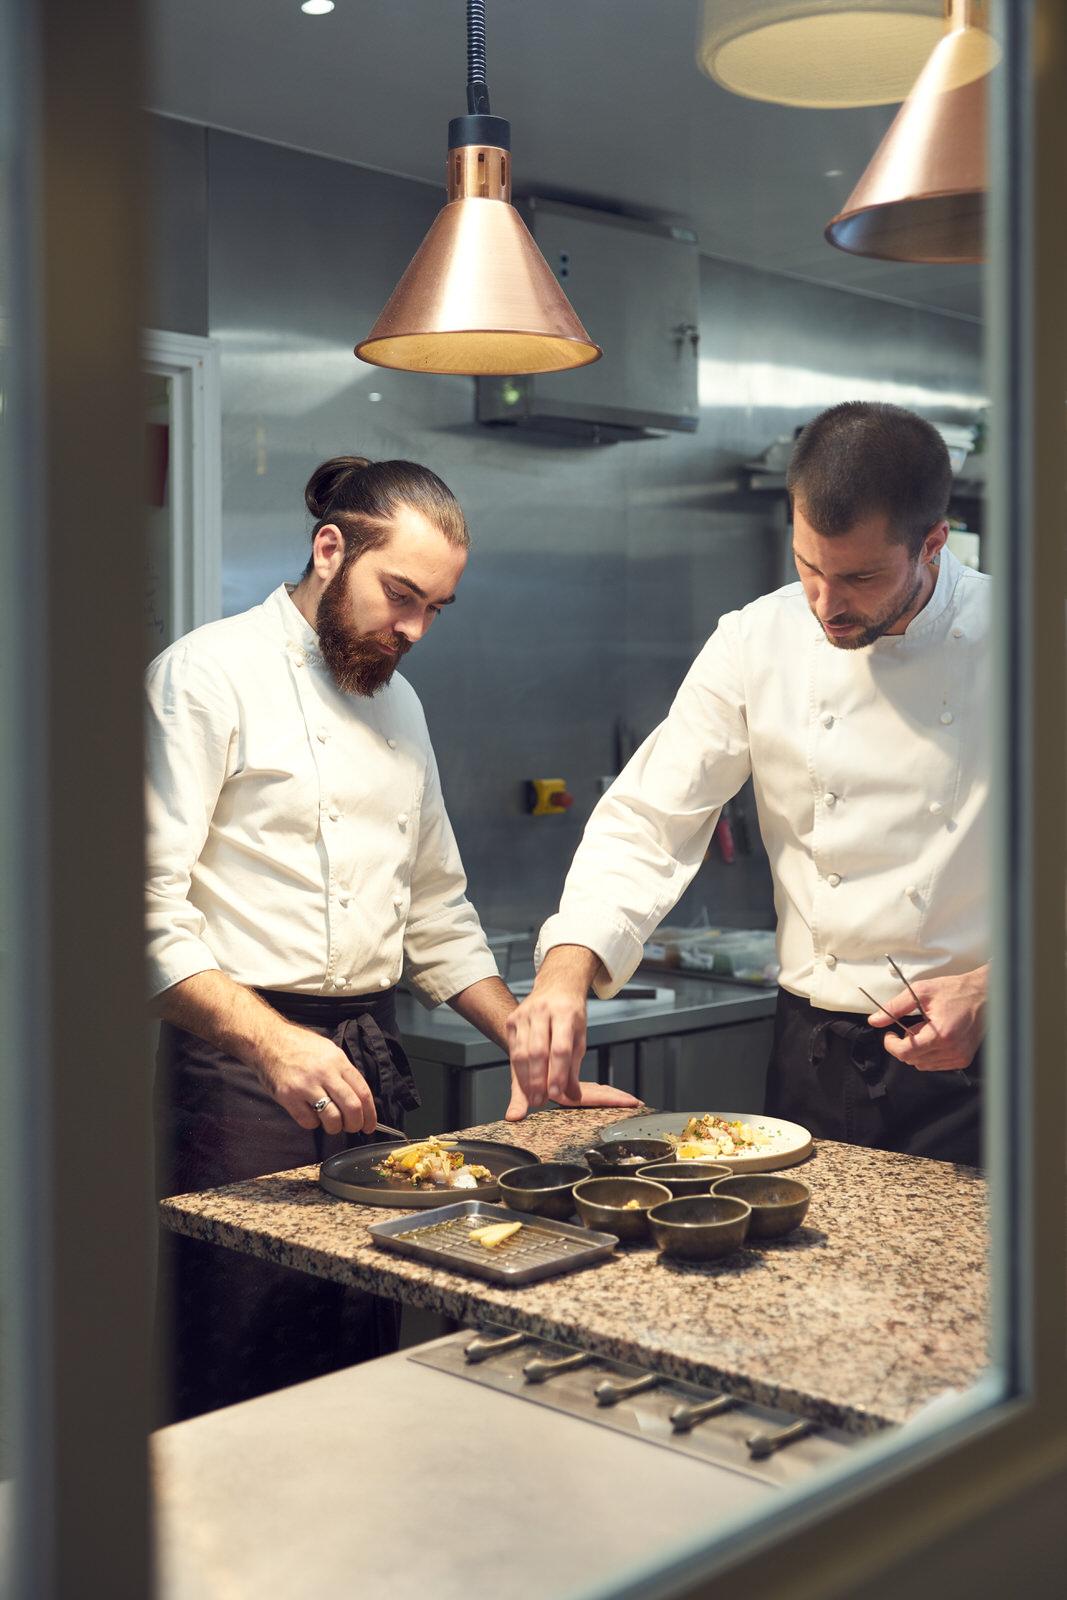 Portrait - Artisan - Photographe professionnel - Chef - Portrait chef cuisinier - Portrait d'entreprise - Bordeaux - Thierry Pousset